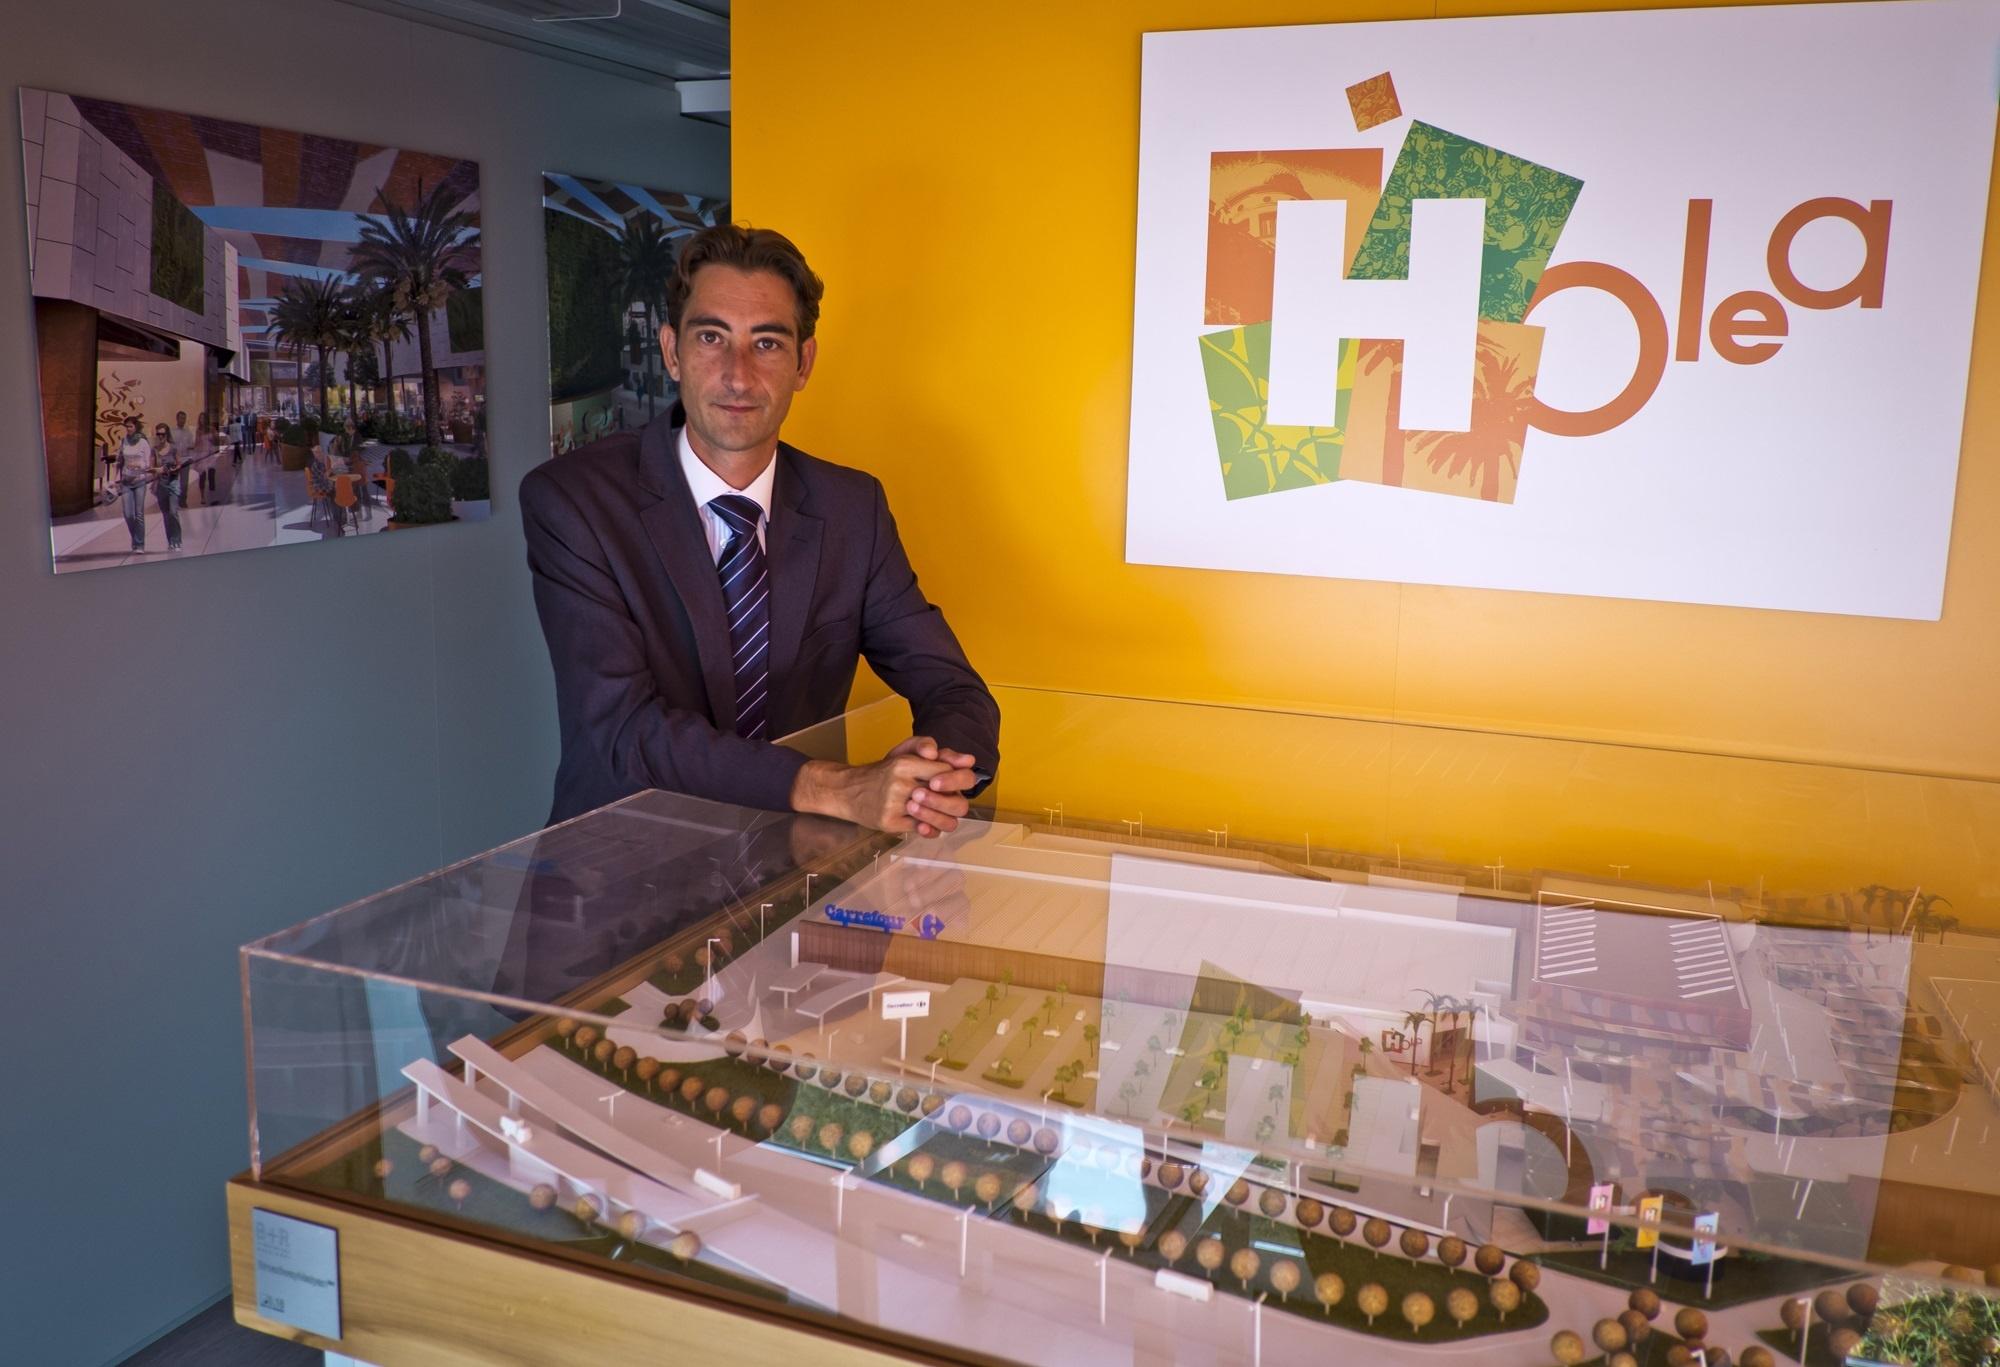 Óscar Llanes, gerente del Centro Comercial Centro Oeste de Majadahonda, dirigirá el Centro Comercial Holea